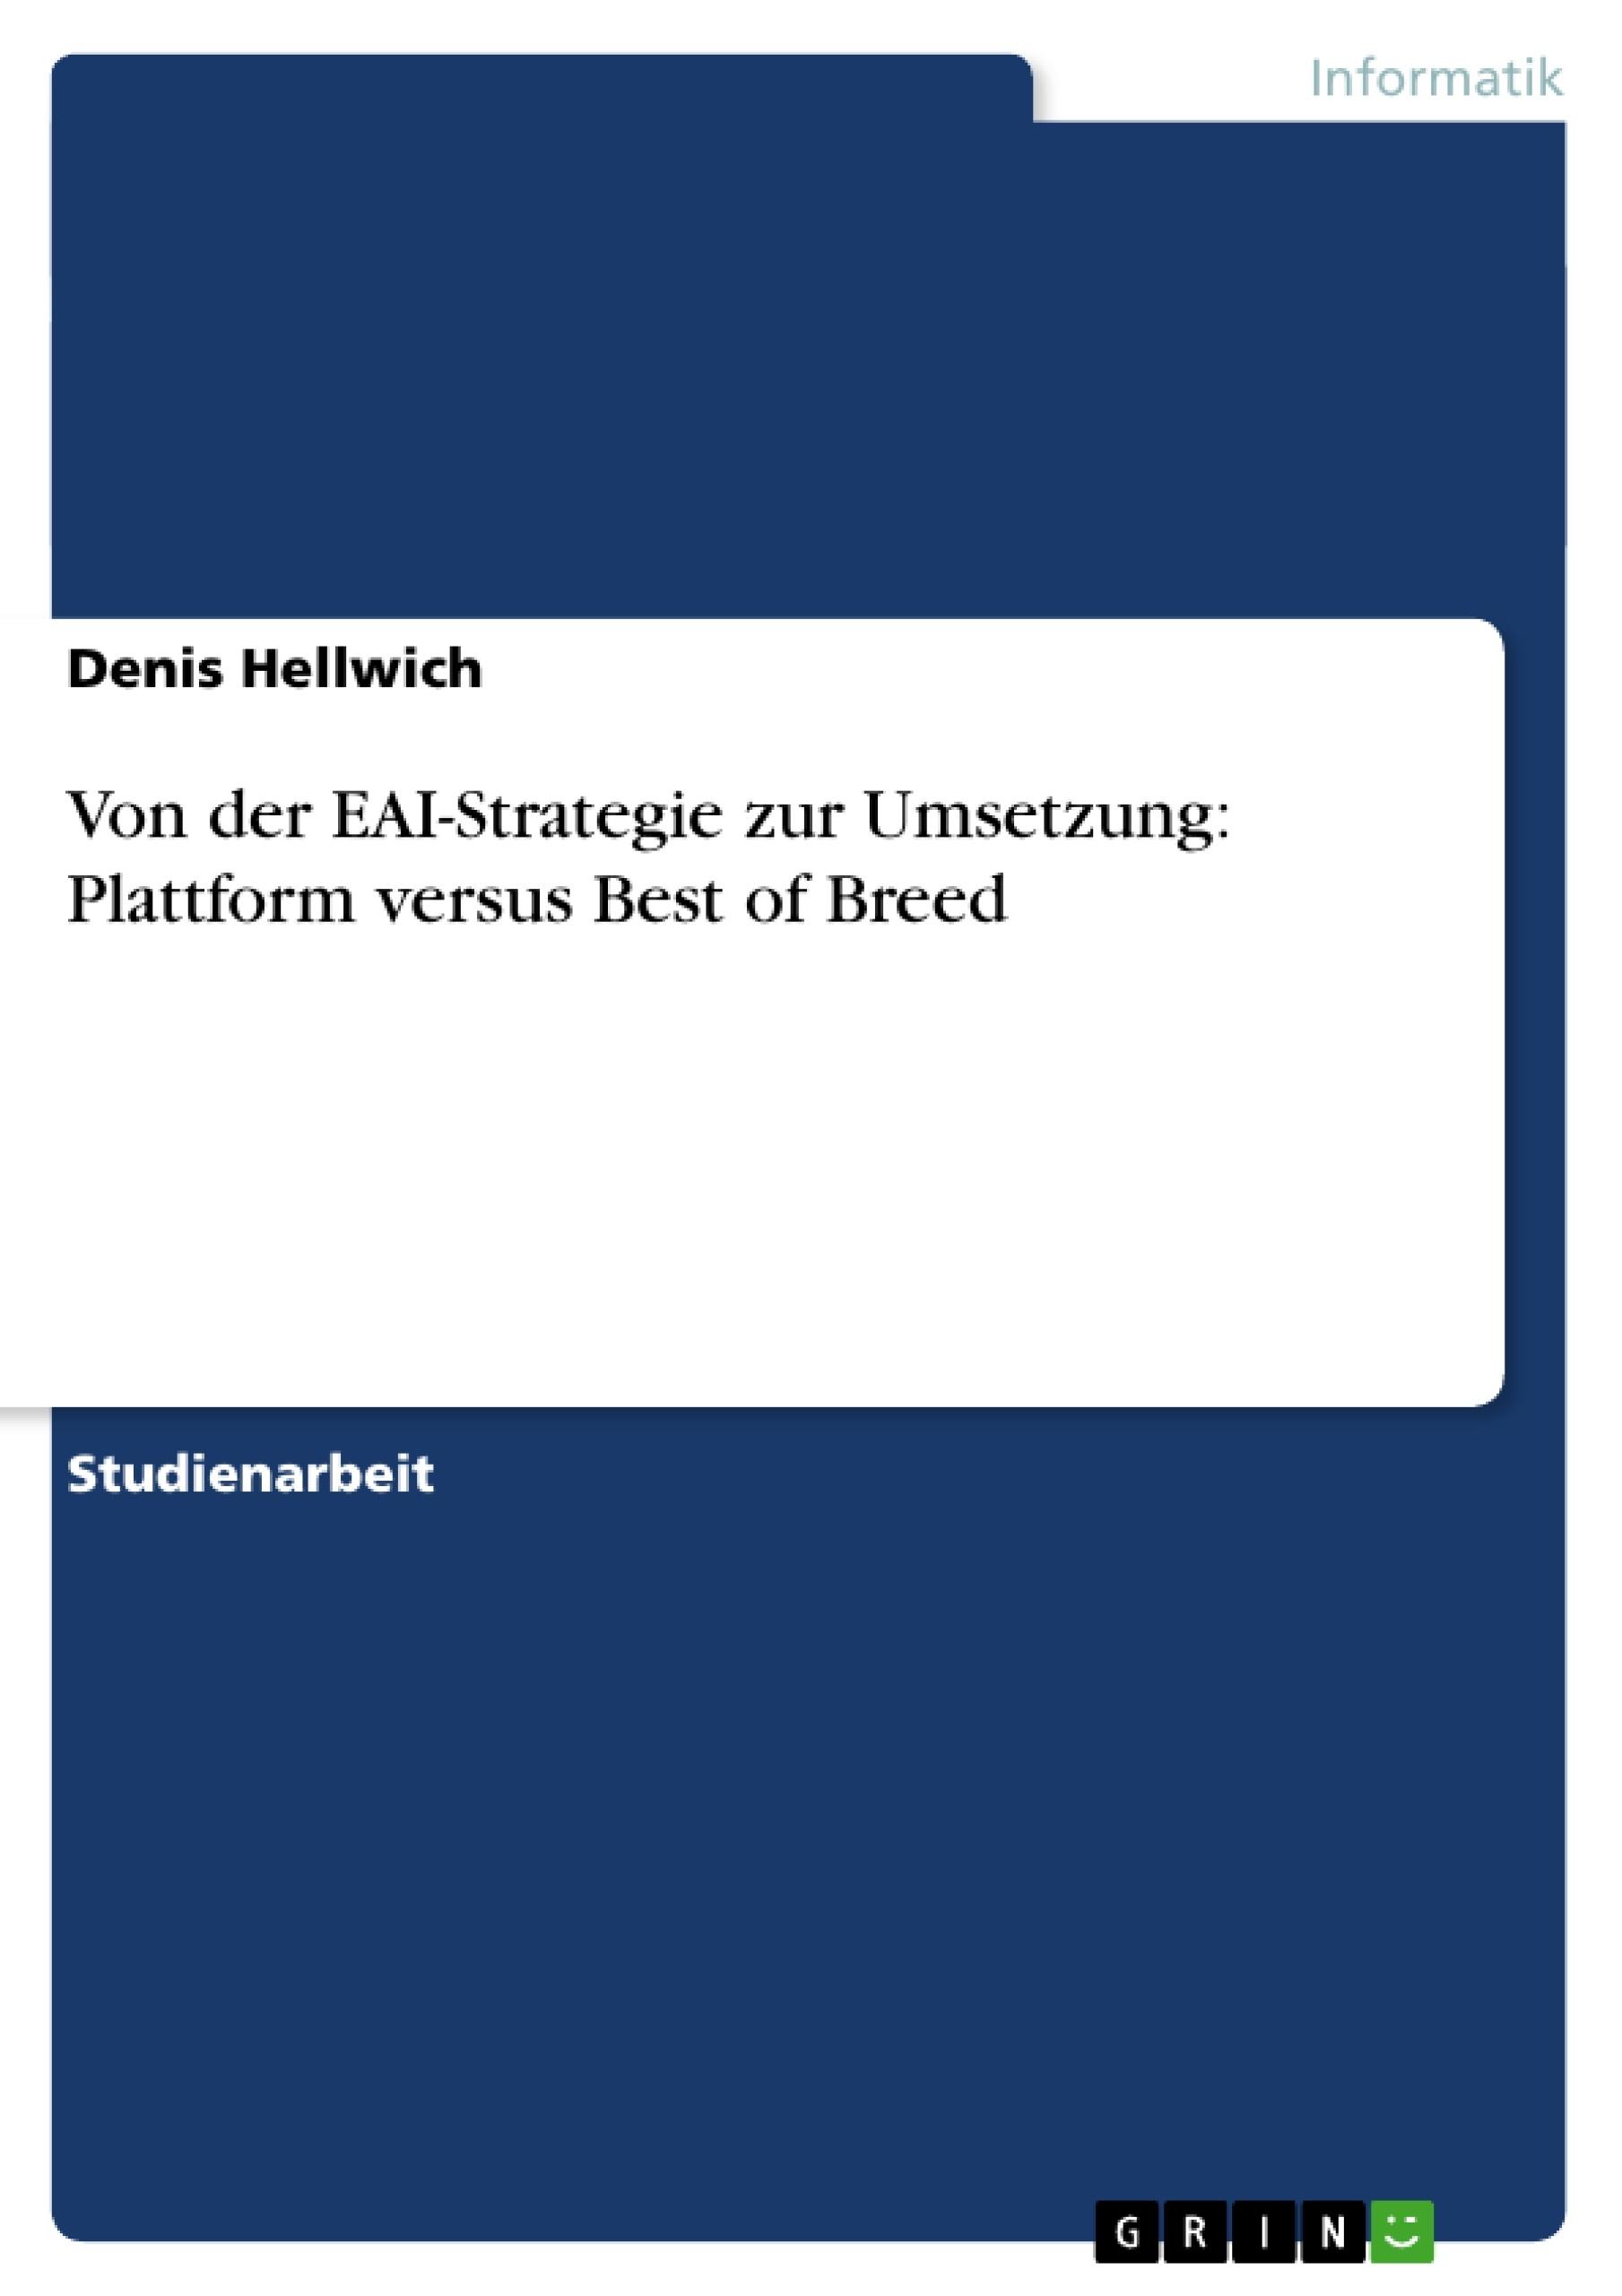 Titel: Von der EAI-Strategie zur Umsetzung: Plattform versus Best of Breed